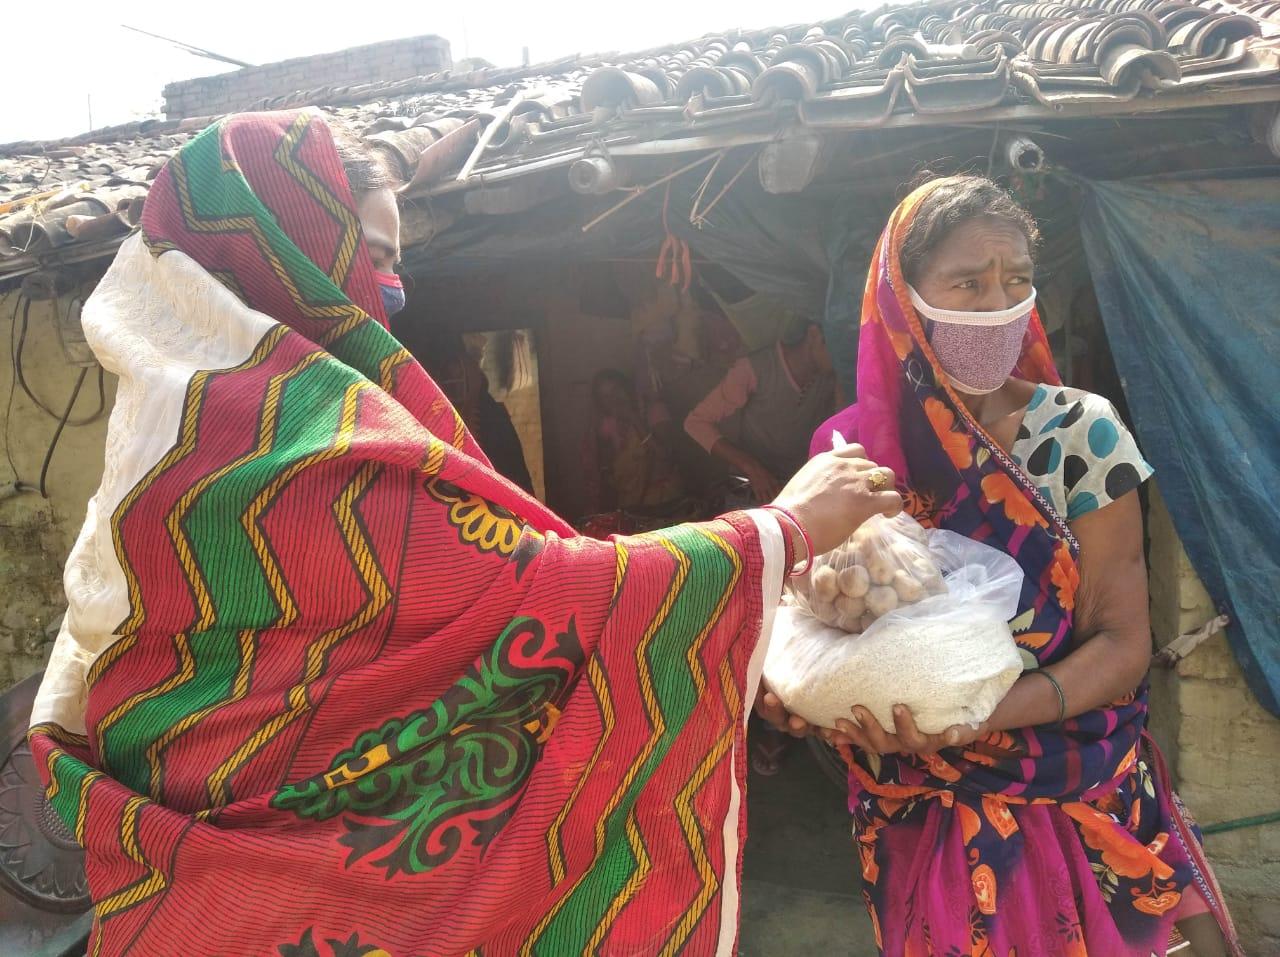 """""""अमनौर में कोई भूखा नहीं रहें"""" अभियान के तहत 15वें दिन पूनम राय ने किया राशन सामग्री,मास्क और साबुन का वितरण।"""